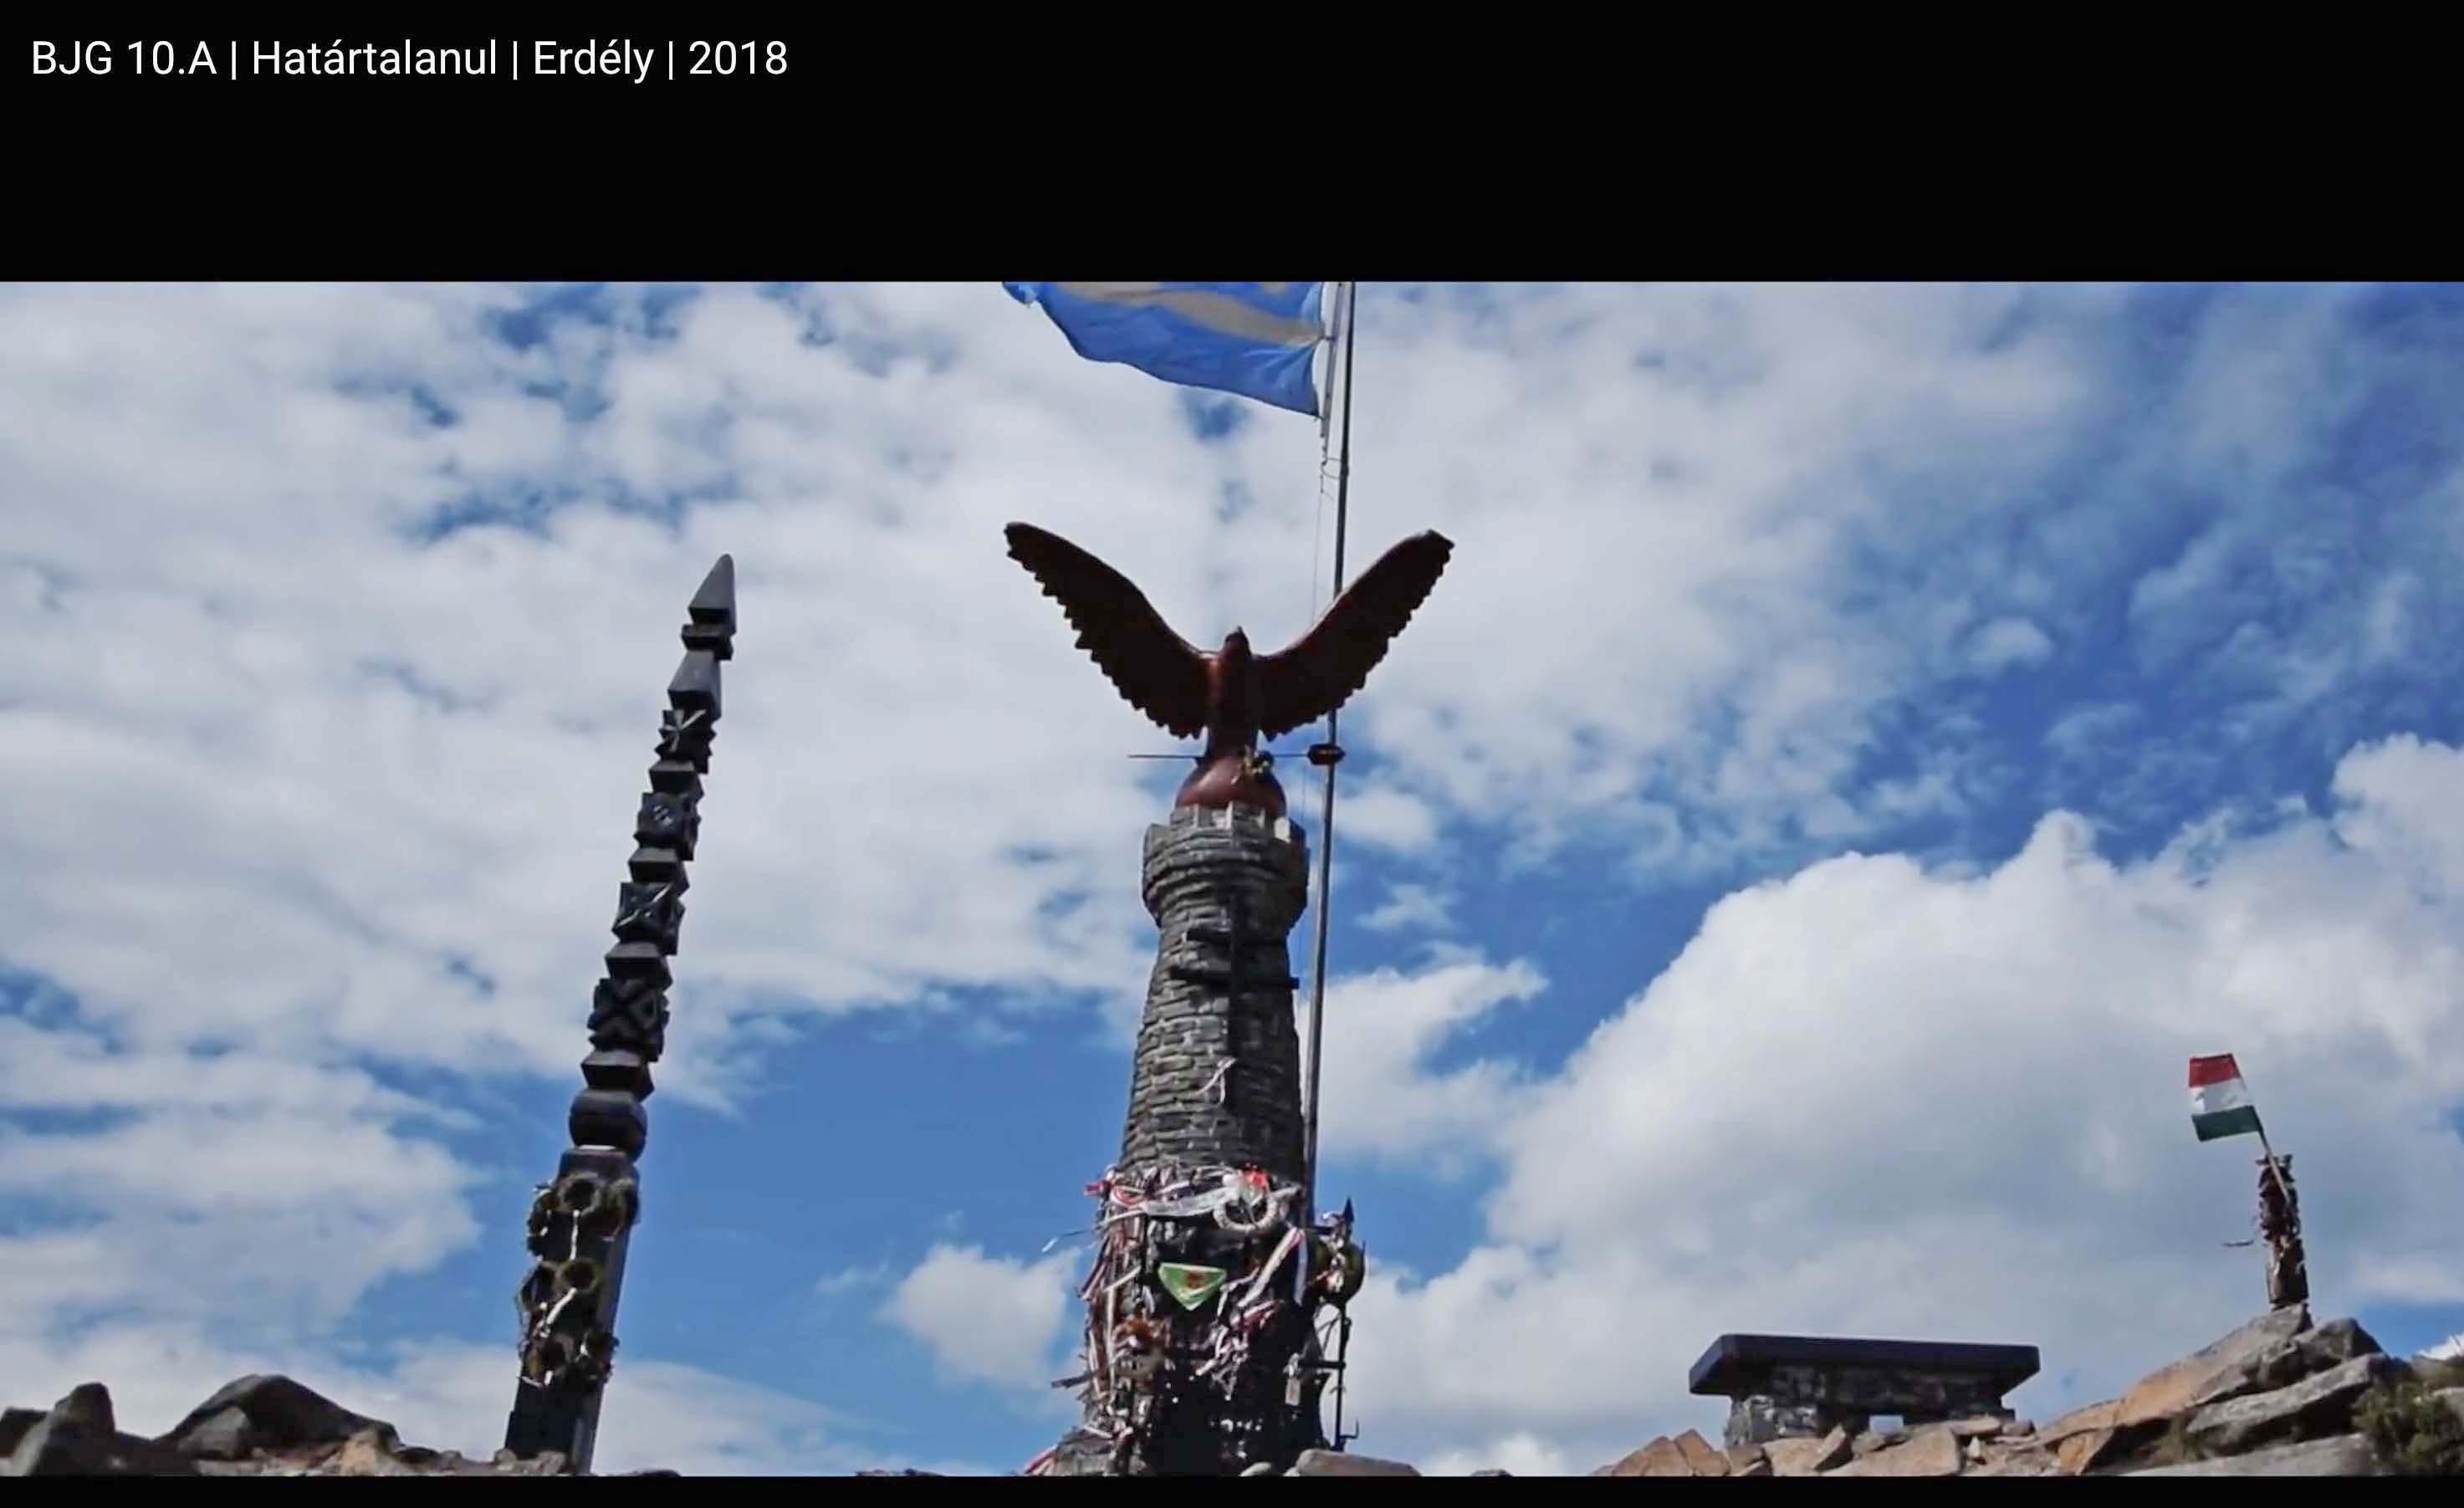 Kecskeméti Bányais tanulók Erdélyben kirándultak